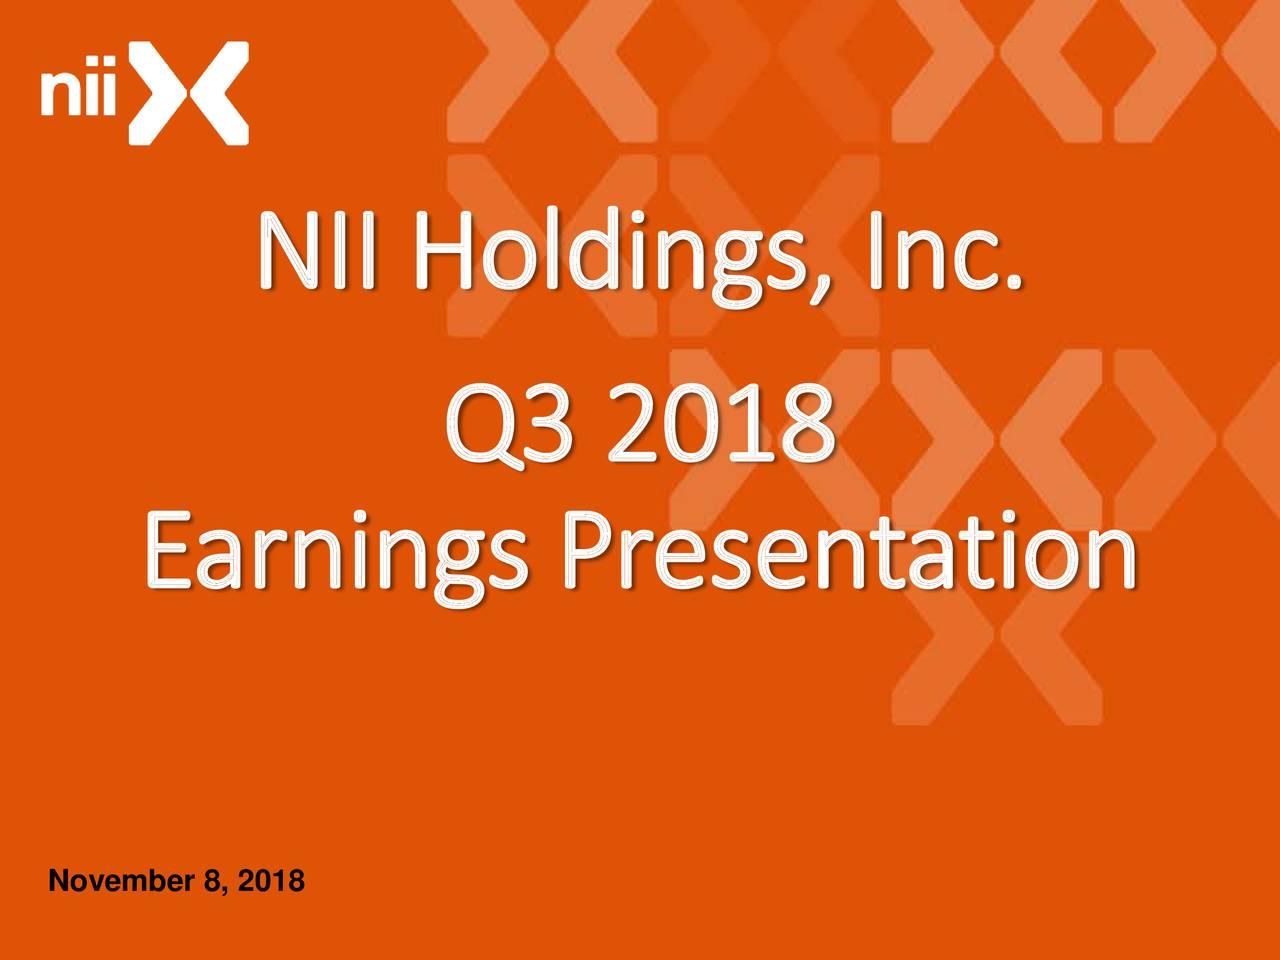 Q3 2018 Earnings Presentation November 8, 2018